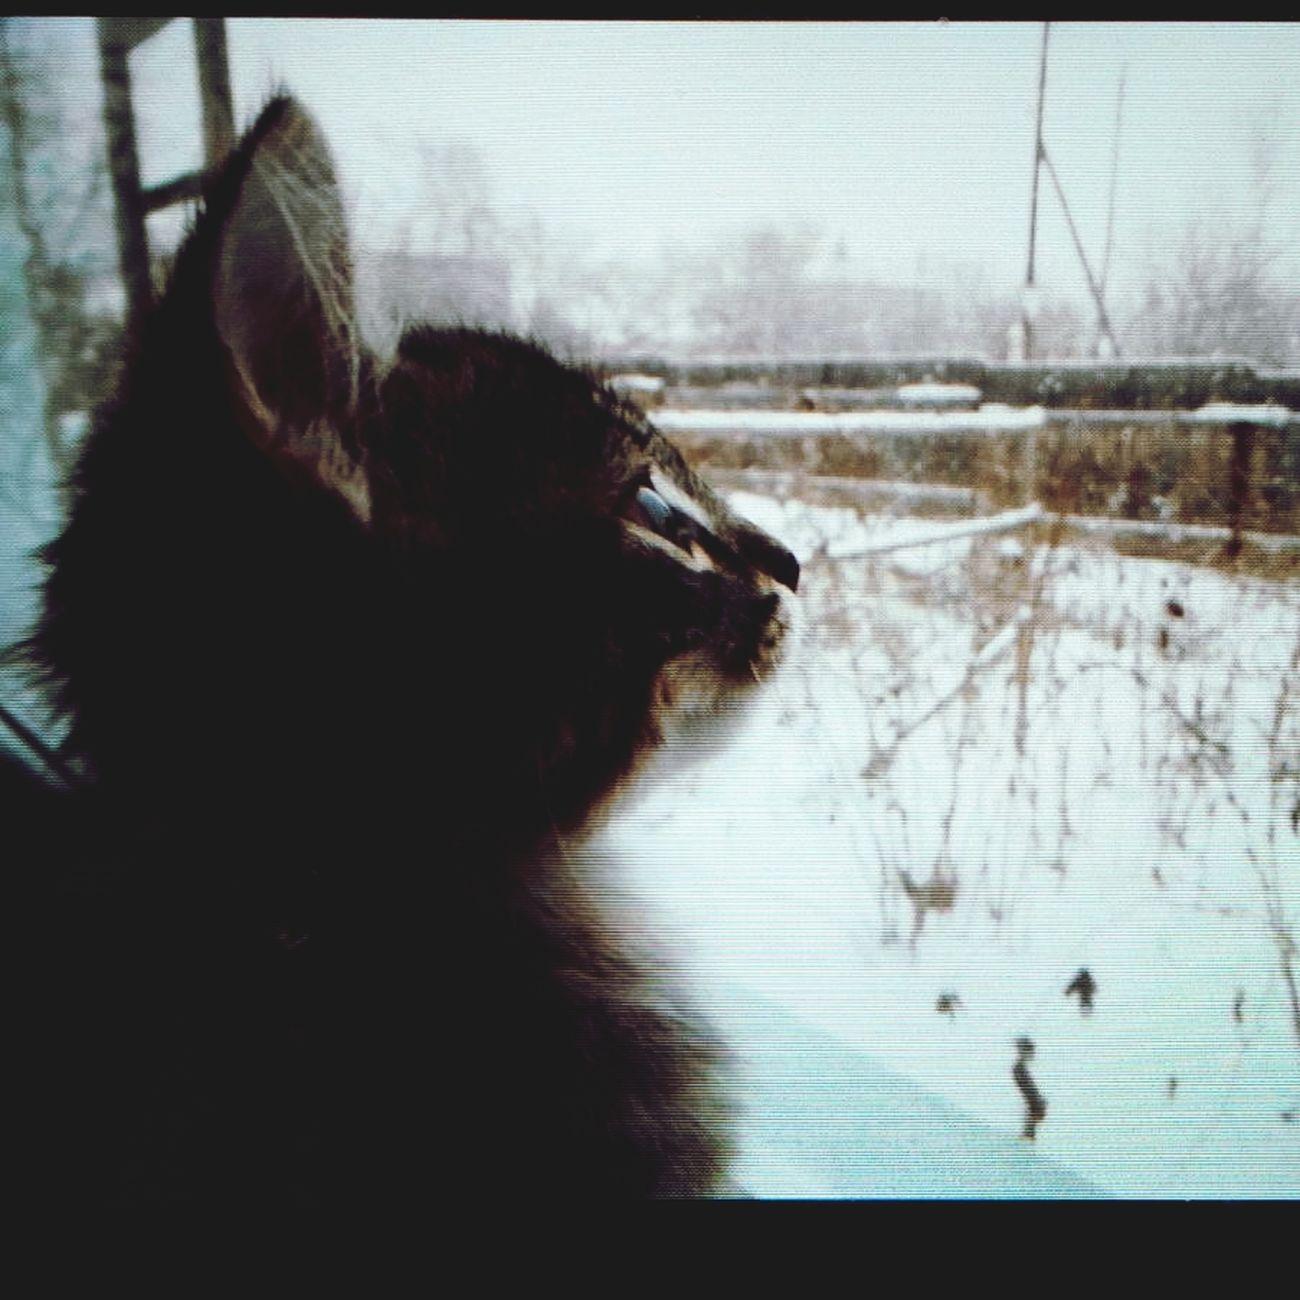 зима мойкотэ ценительприроды Beautiful Day